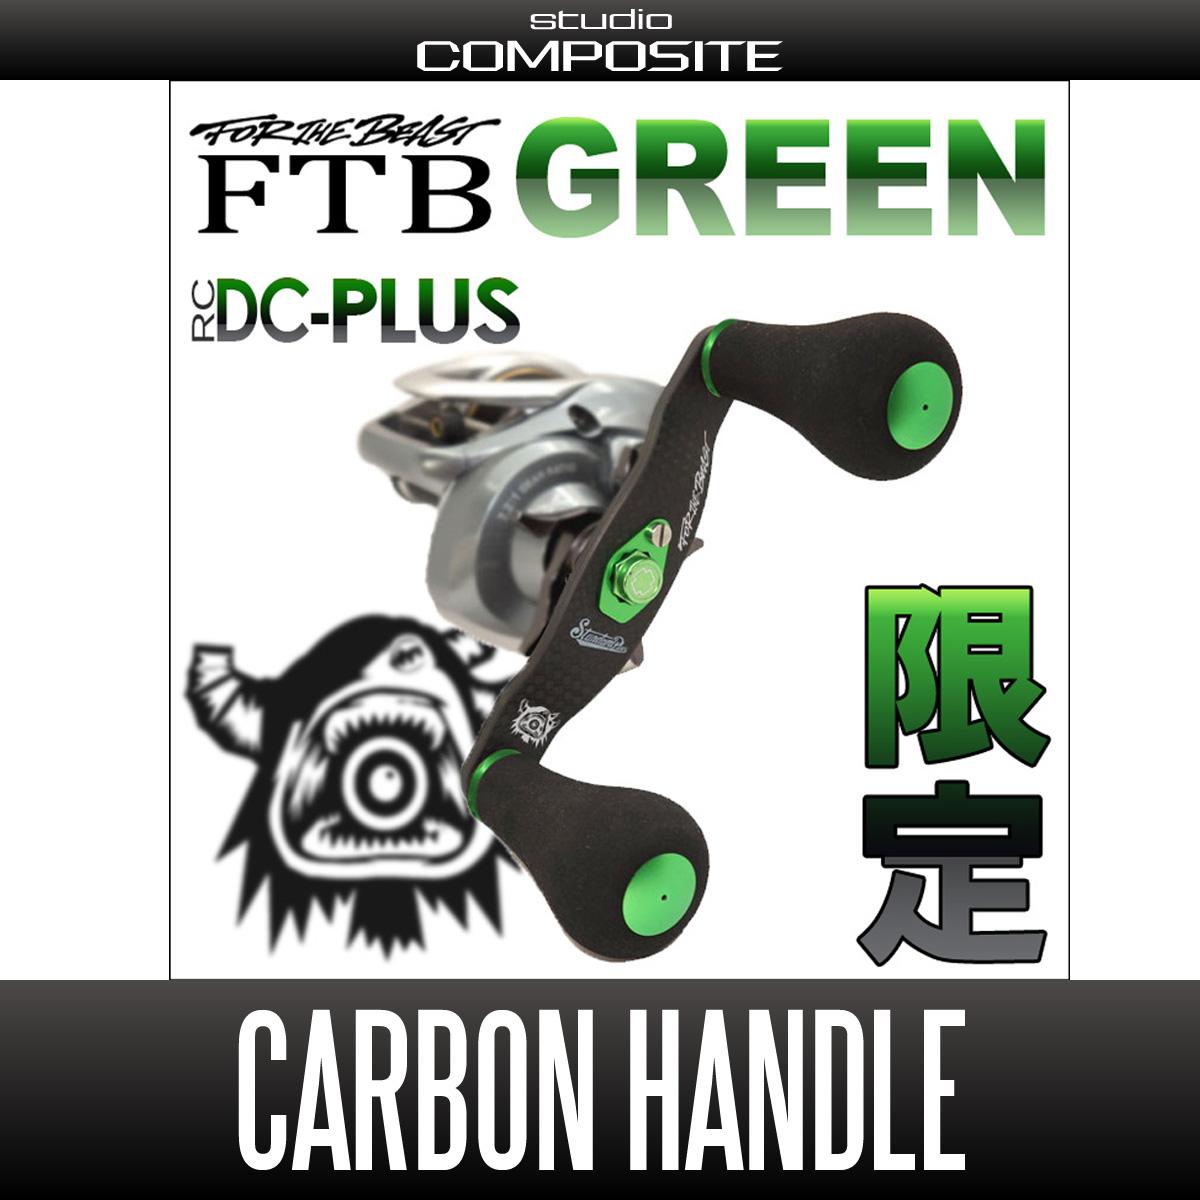 碳曲柄 RC-直流加 XL EVA 把手